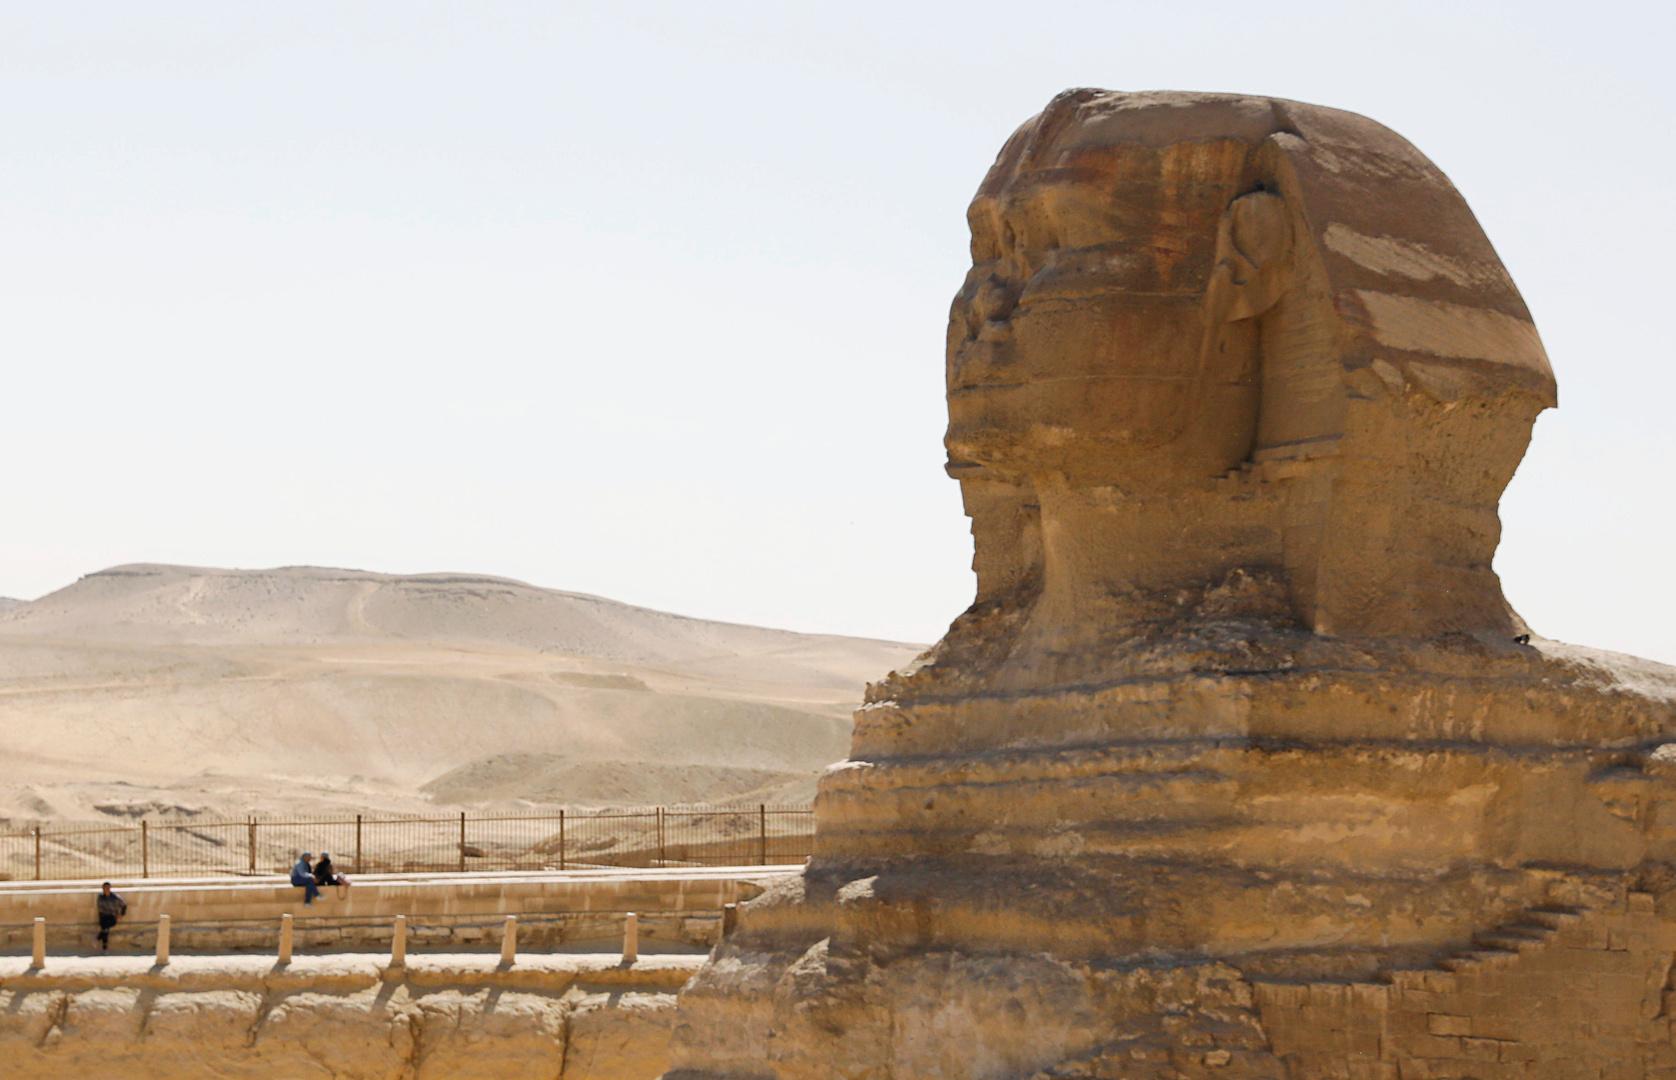 مصر.. ظاهرة فلكية مميزة على كتفي